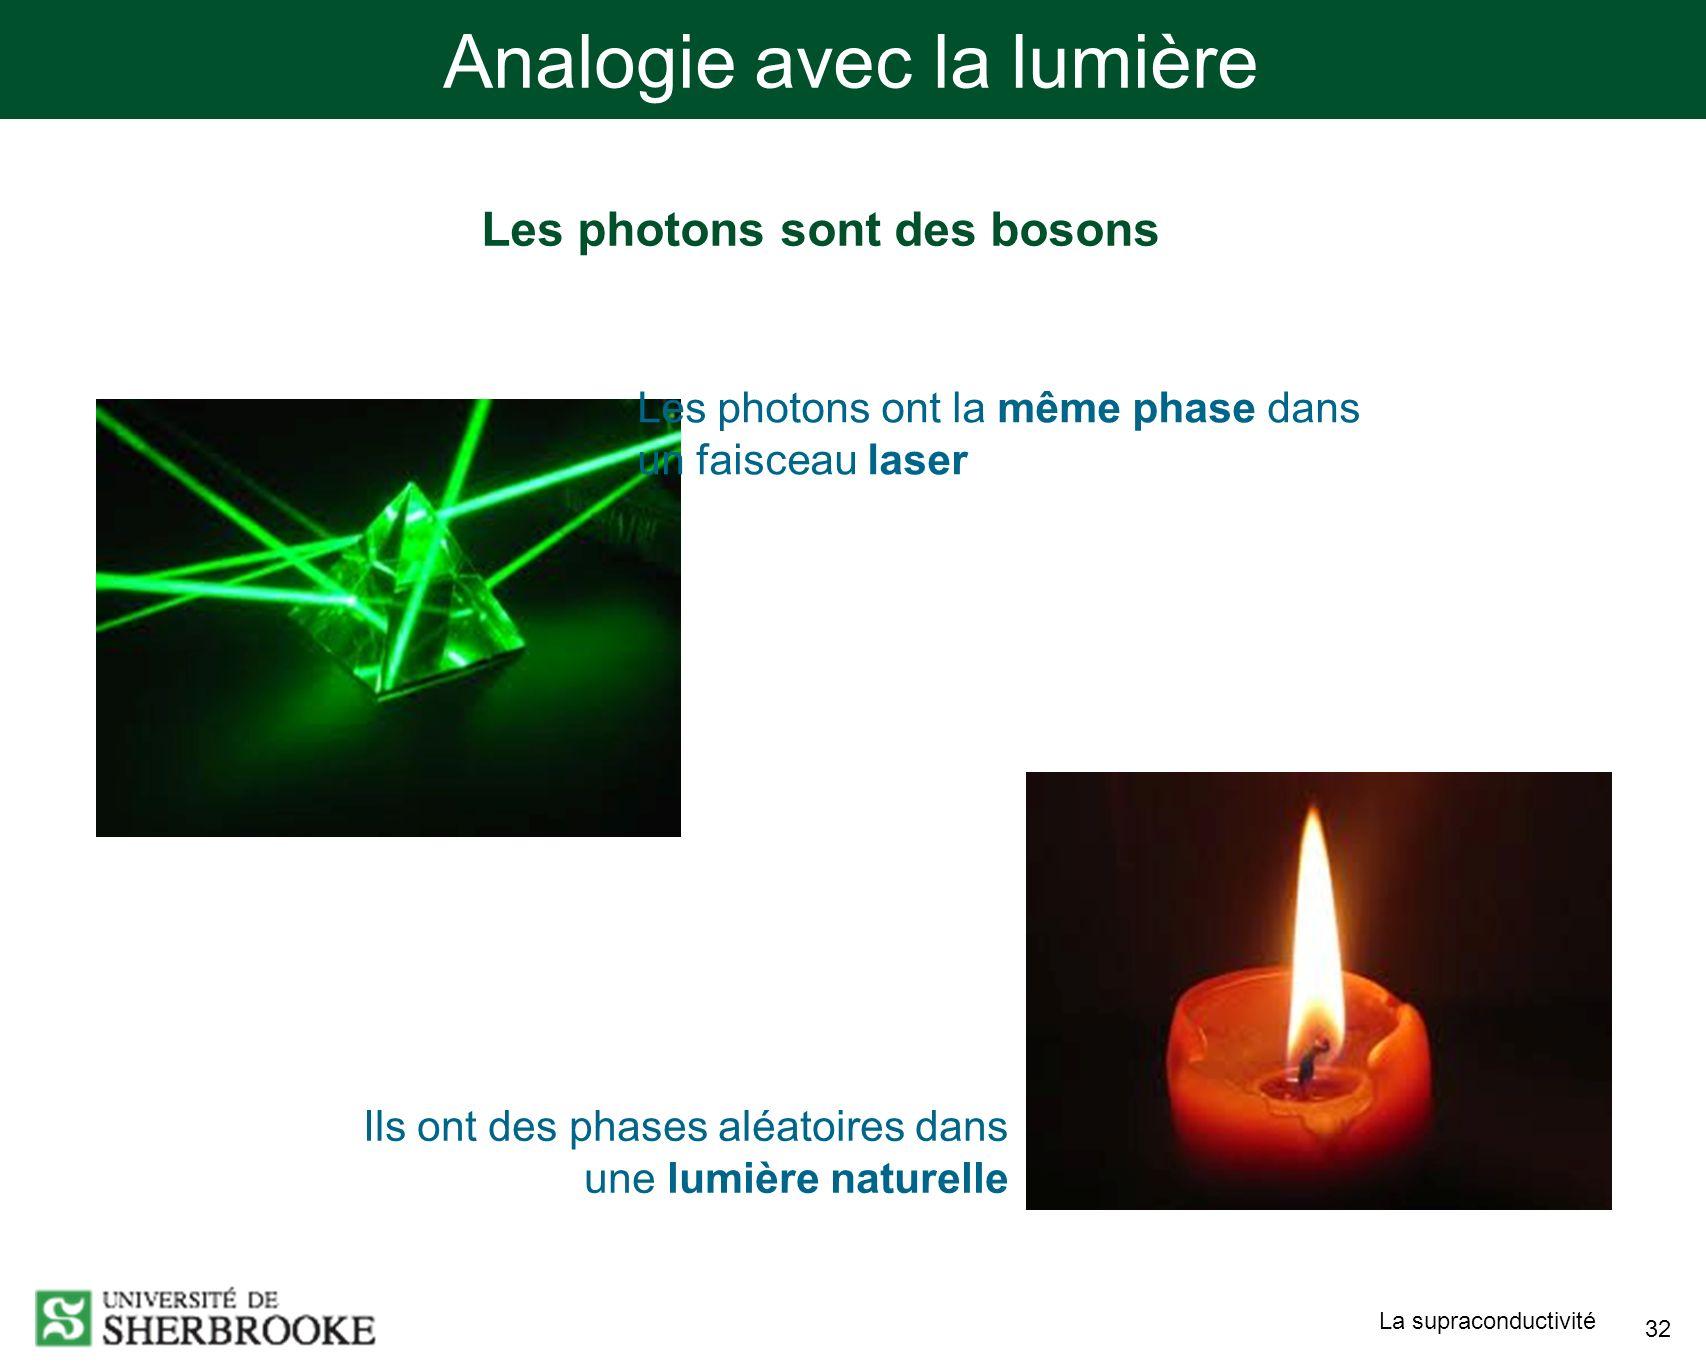 Analogie avec la lumière